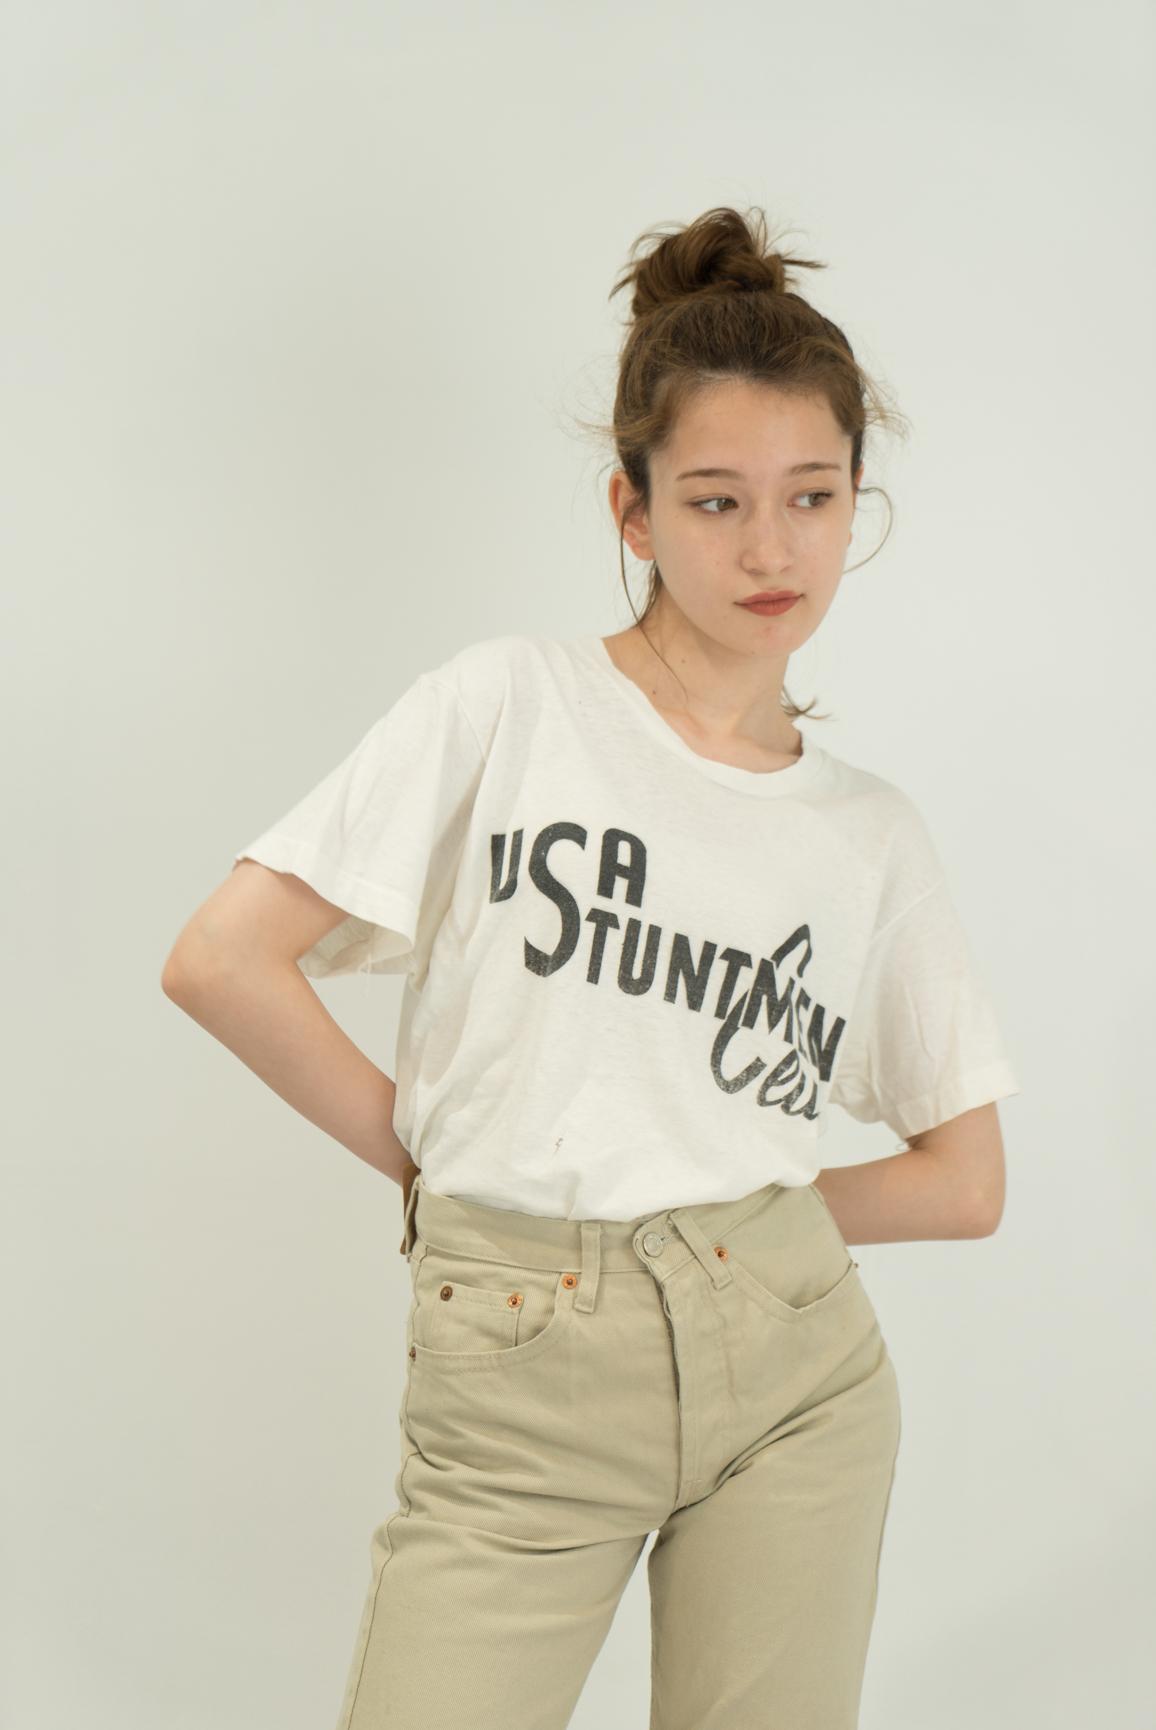 ◼︎80s vintage USA STUNTMEN CLUB T-shirts from U.S.A.◼︎